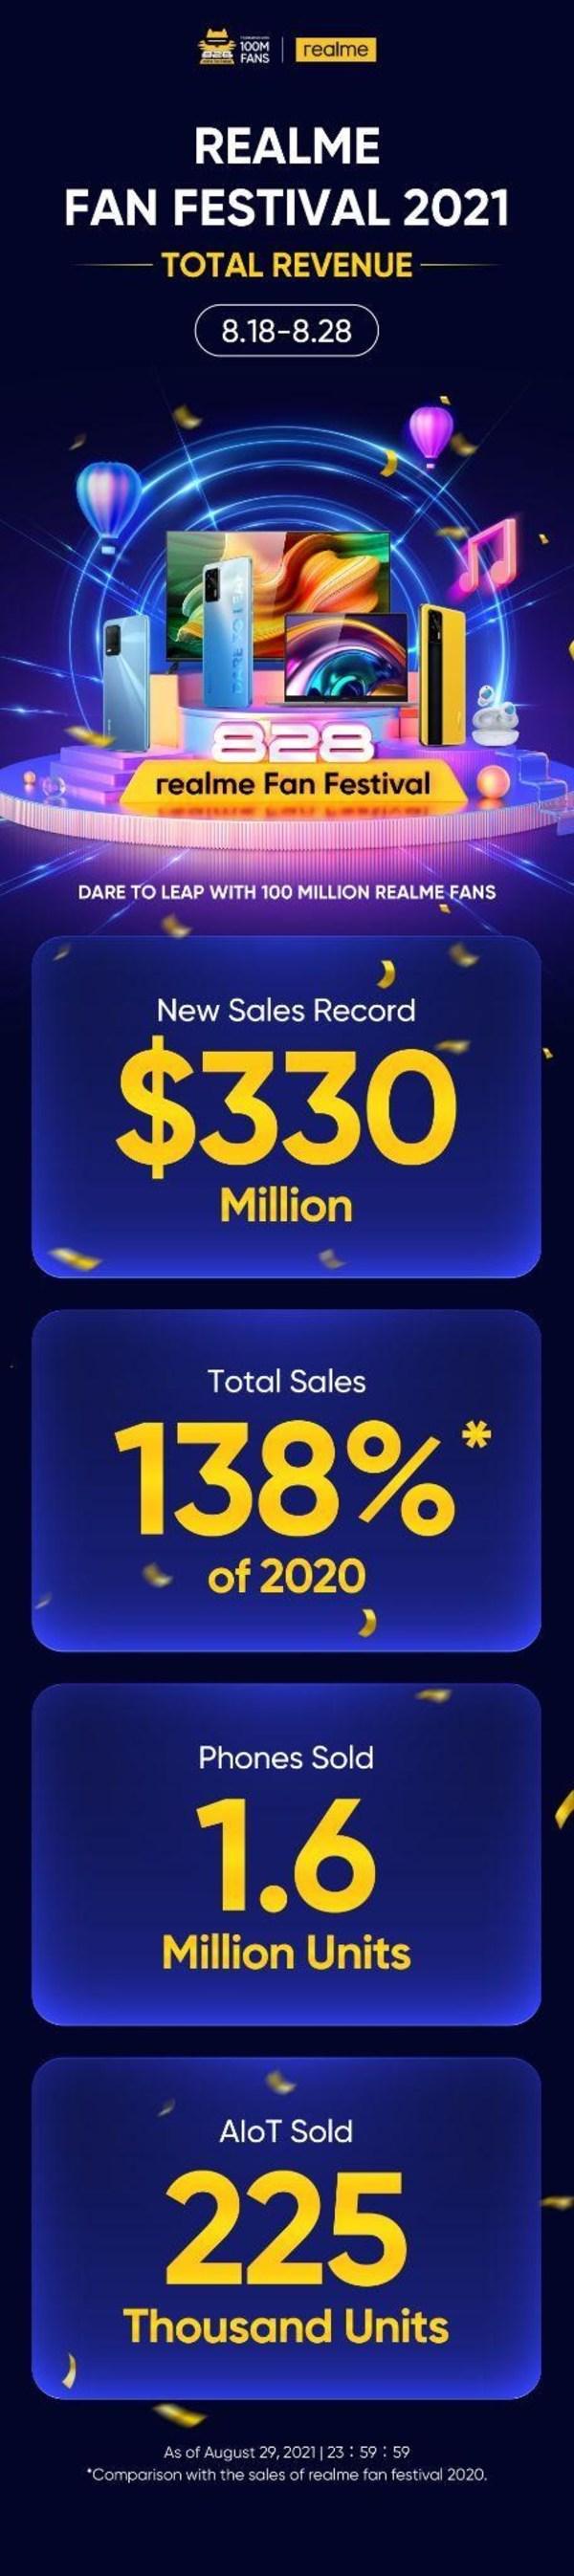 Total Sales of realme Fan Festival 2021